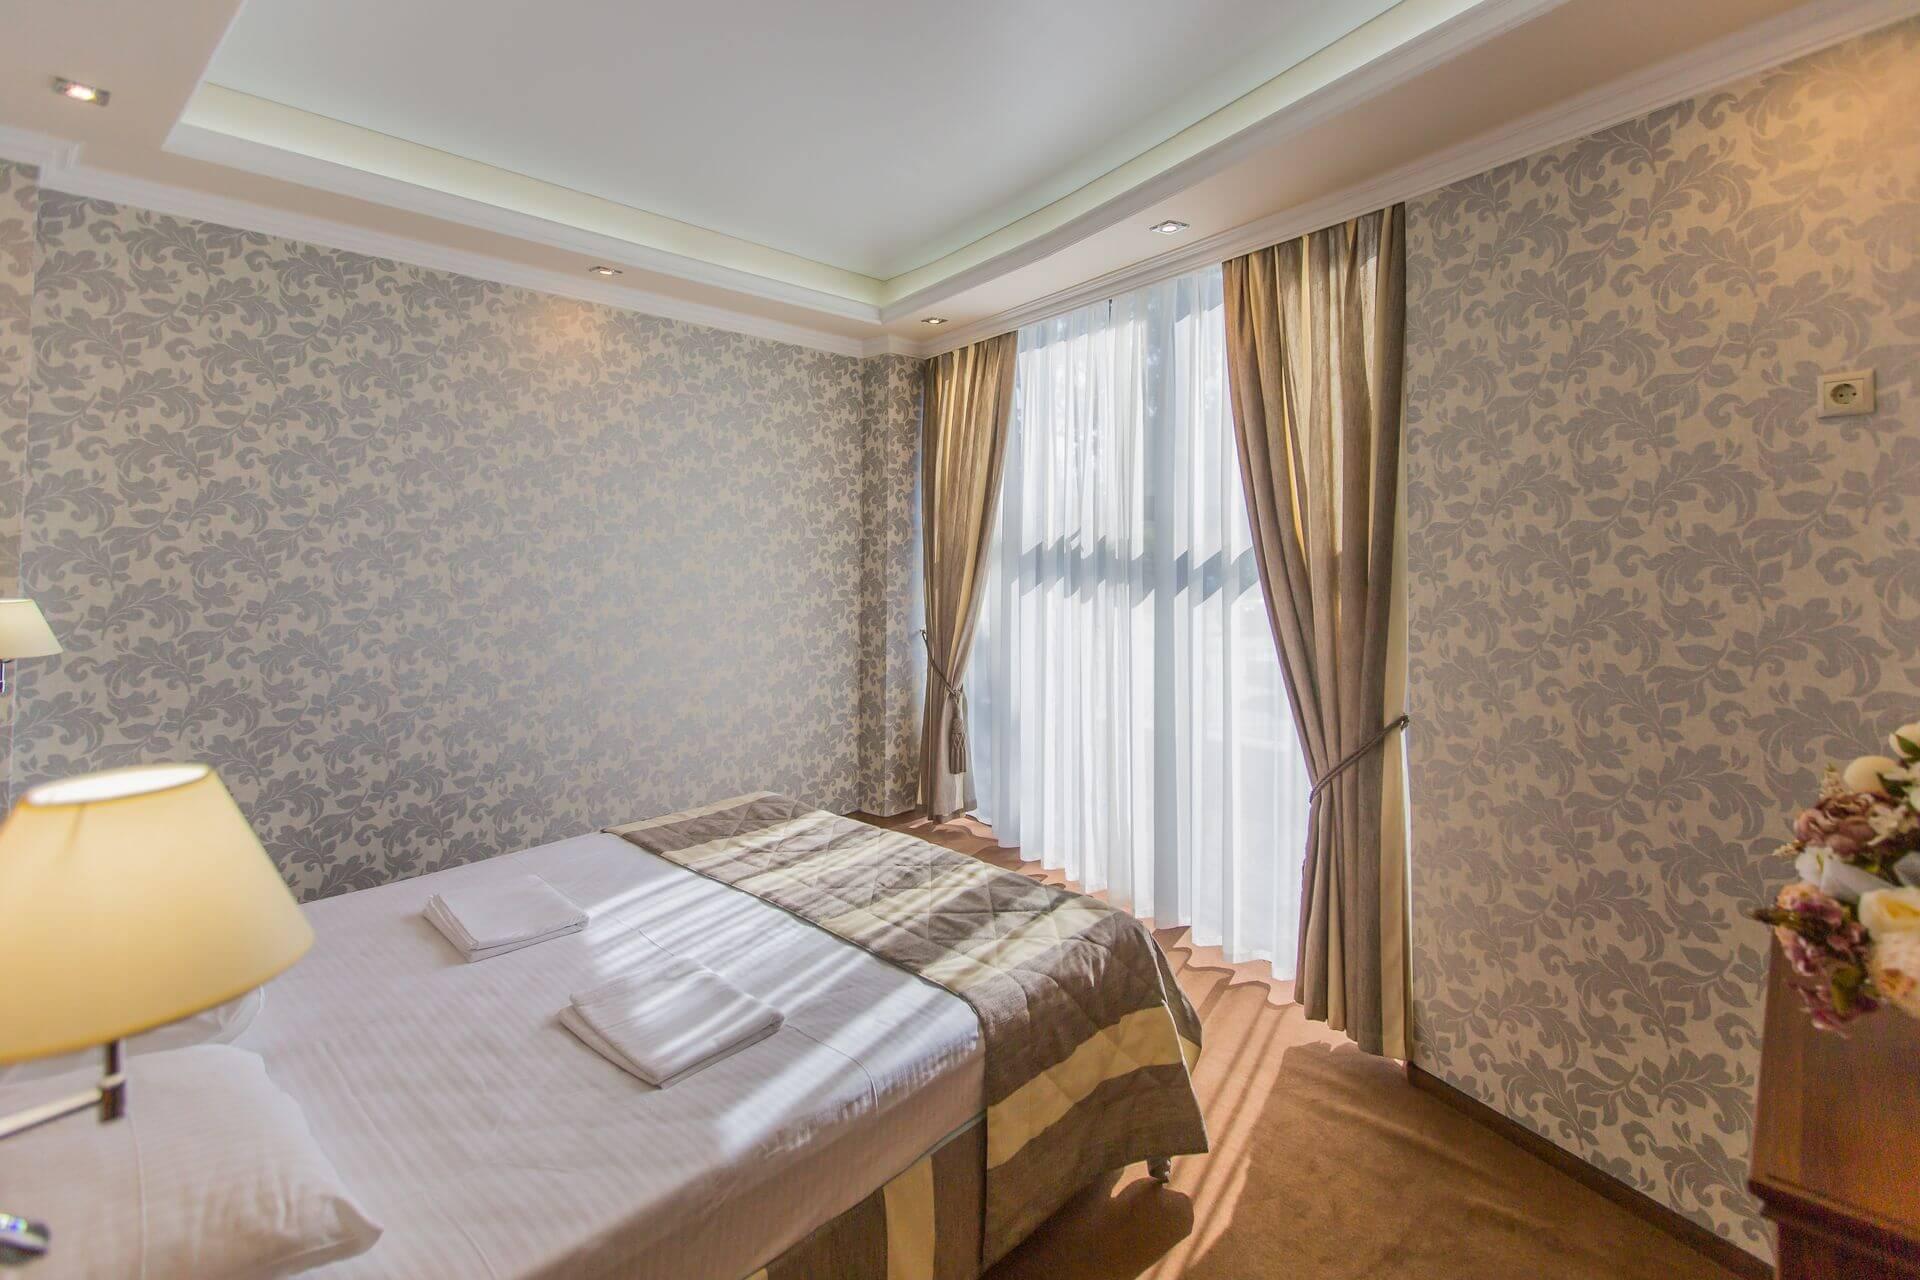 Номер Люкс - Гранд отель Гагра - отель европейского уровня в Абхазии (Grand Hotel Gagra)